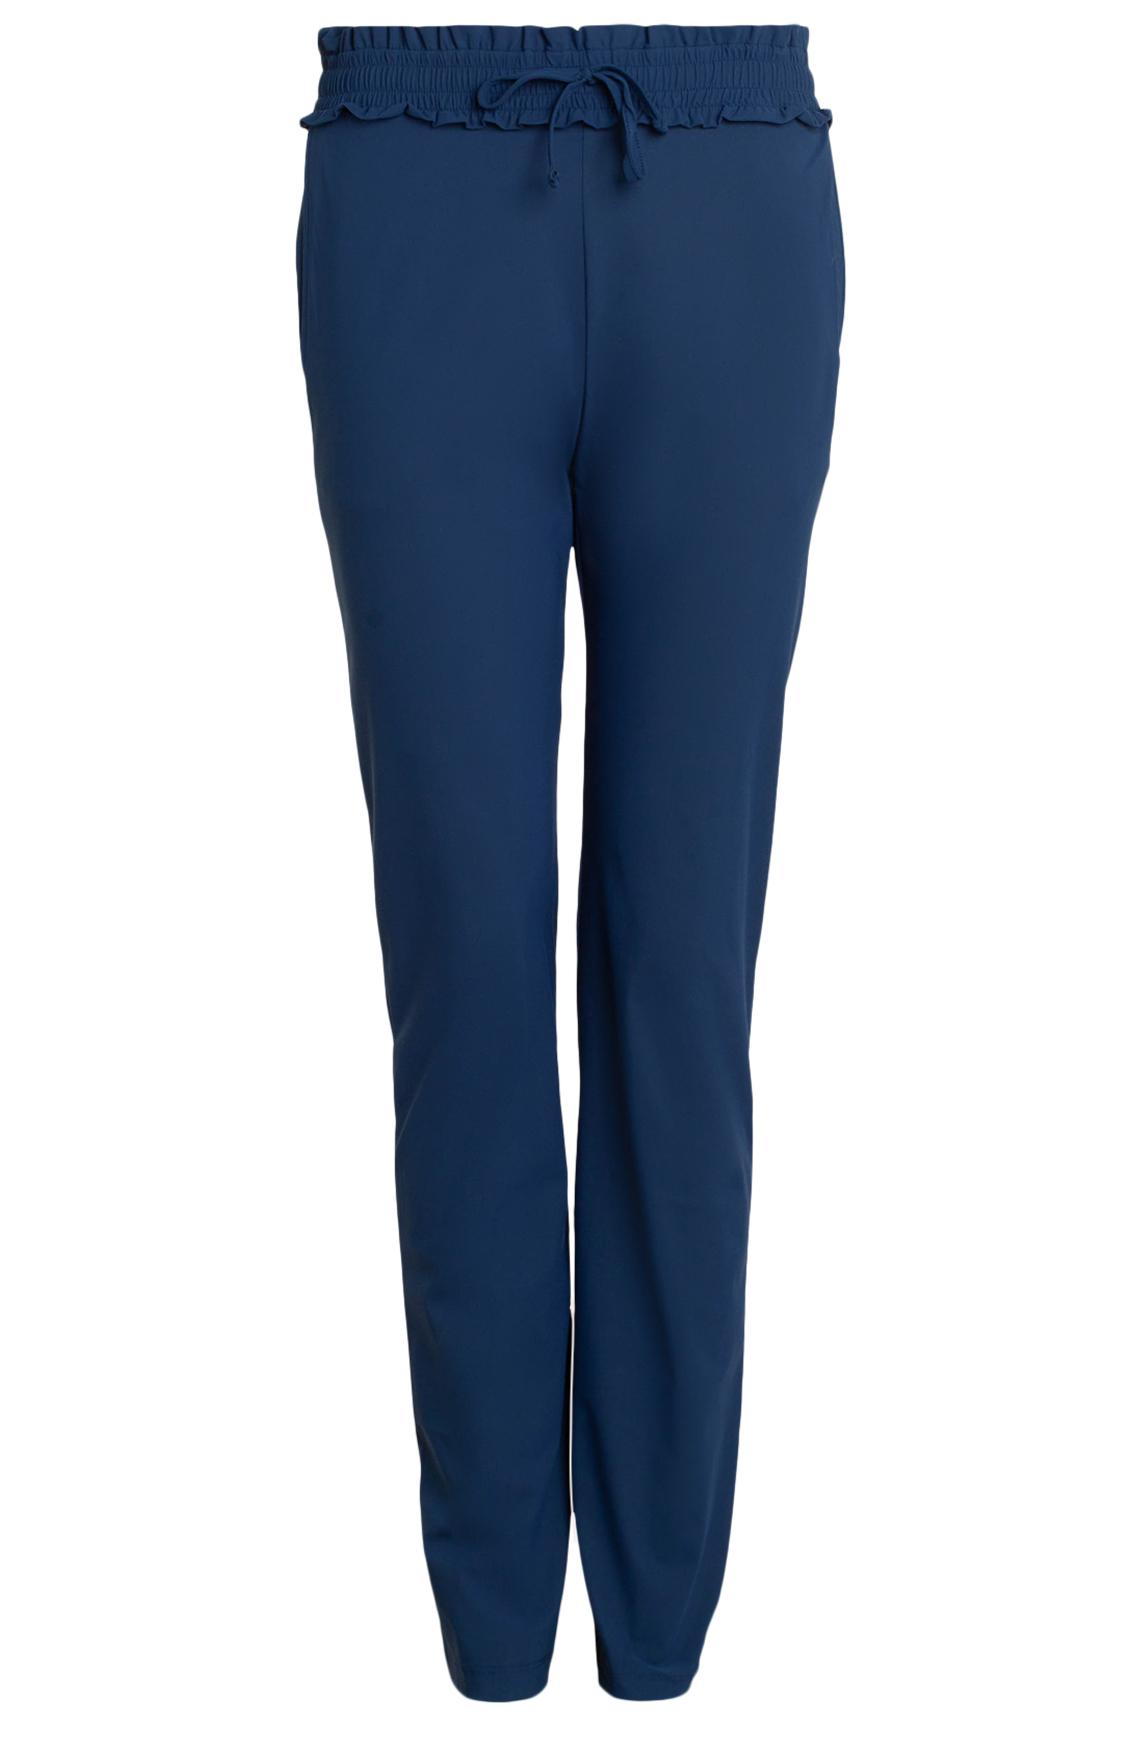 Moscow Dames Jersey broek Blauw